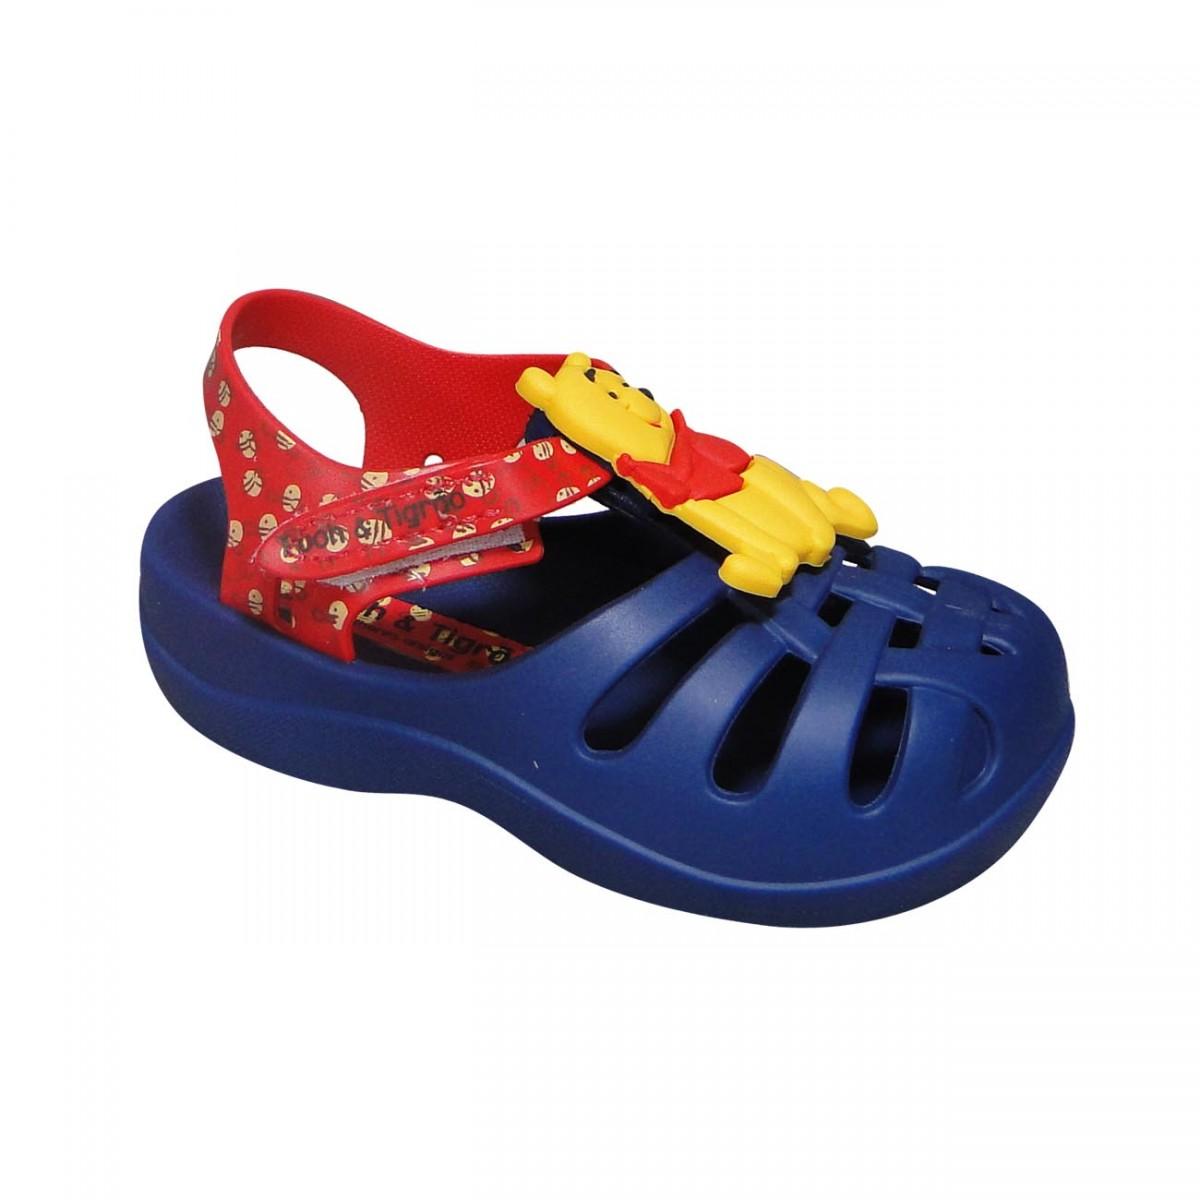 827fef2353e Sandalia Disney Buddies 21341 Infantil 21341 24049 - Azul Vermelho ...